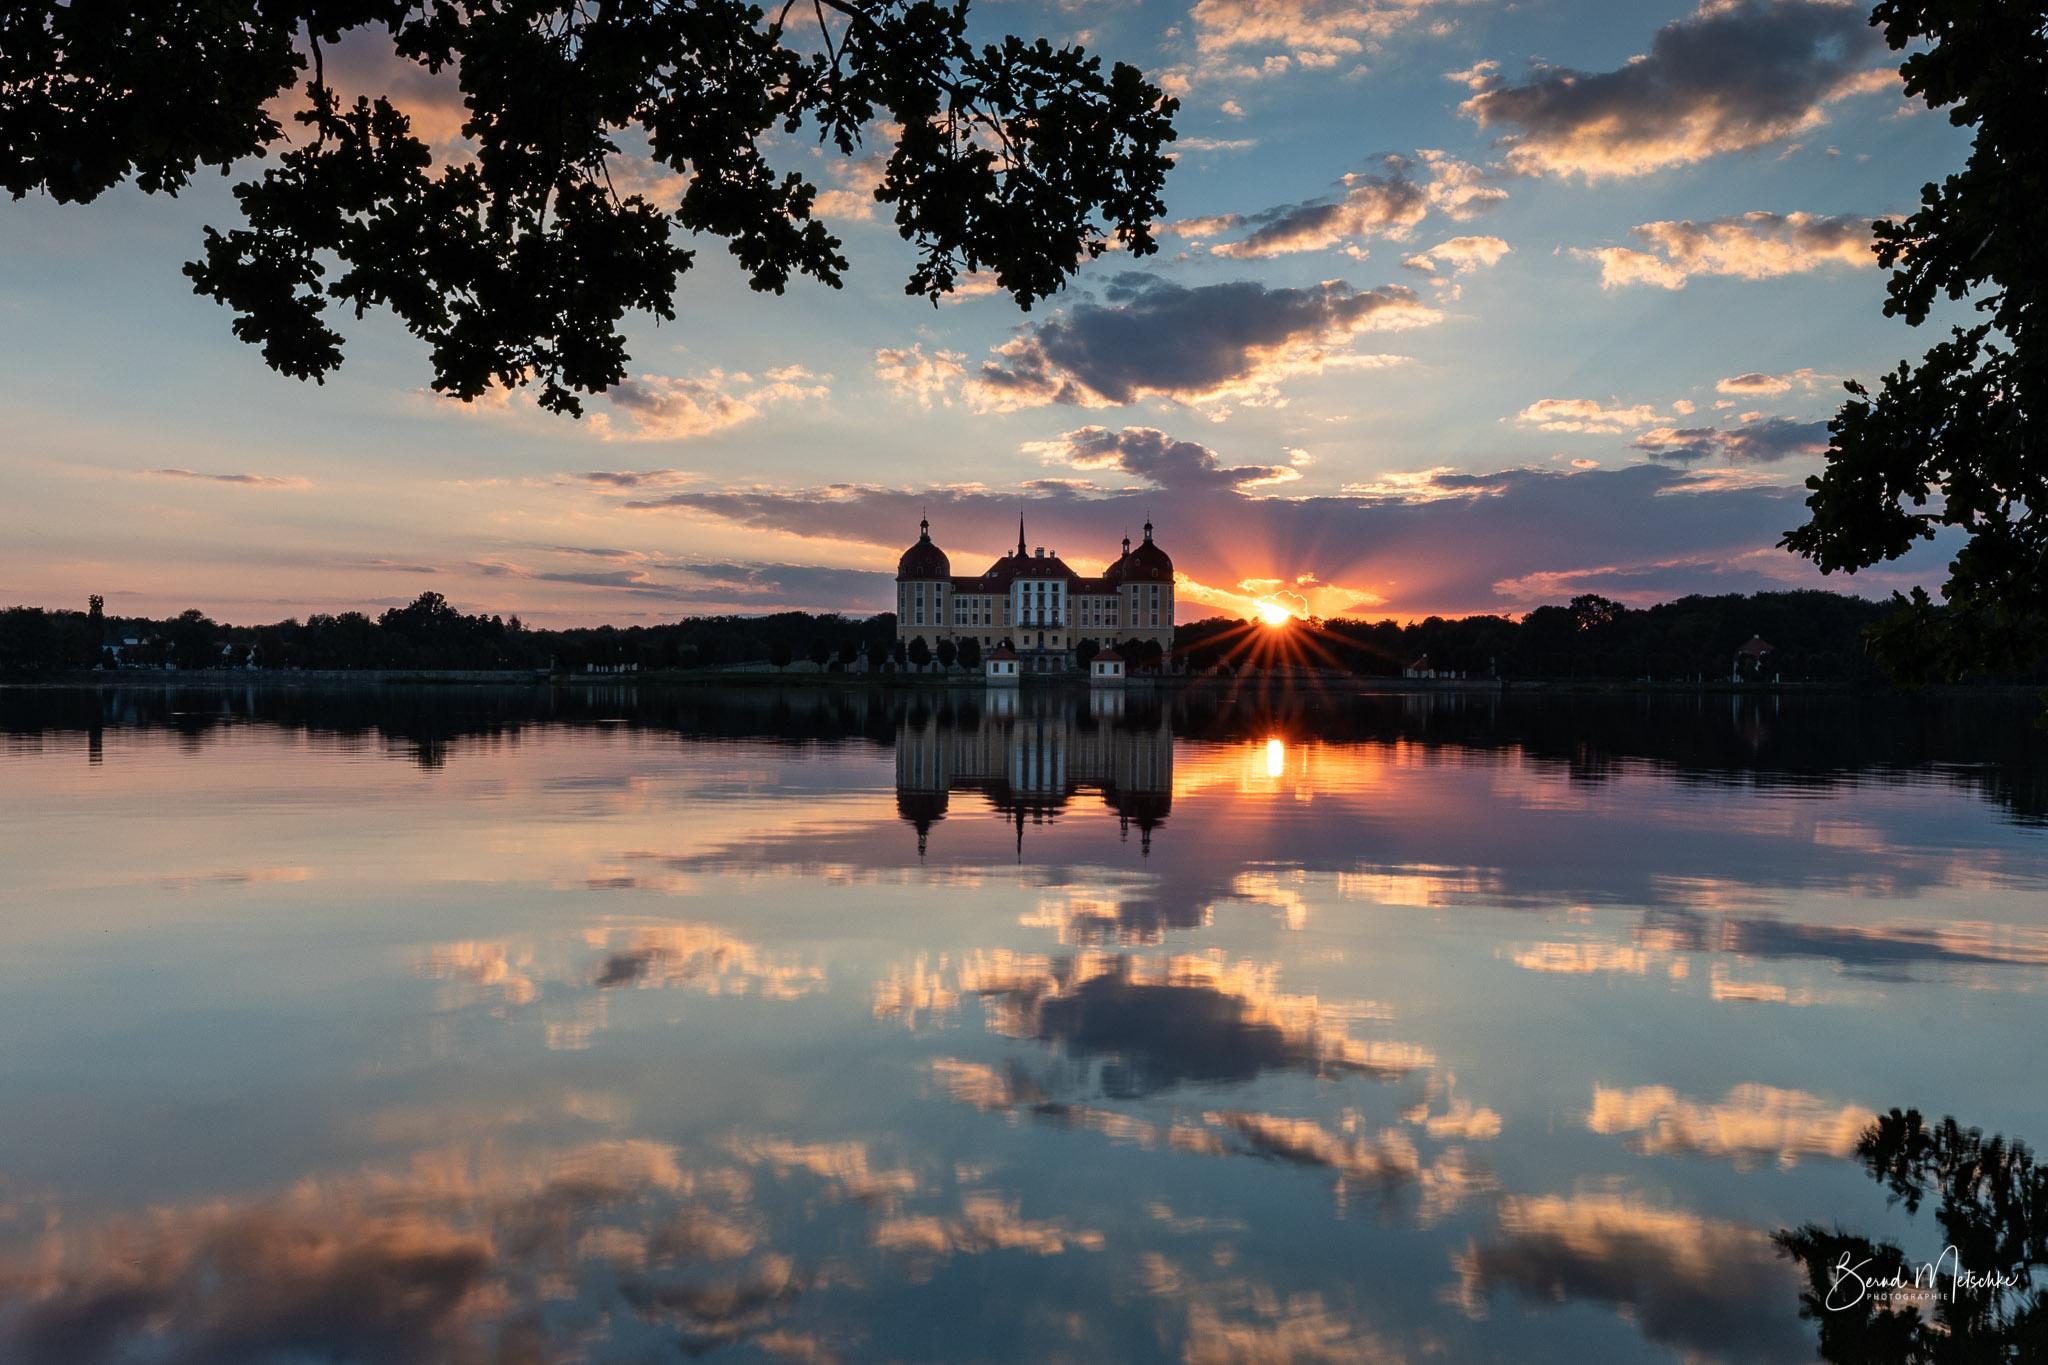 Sonnenuntergang am Schloss Moritzburg